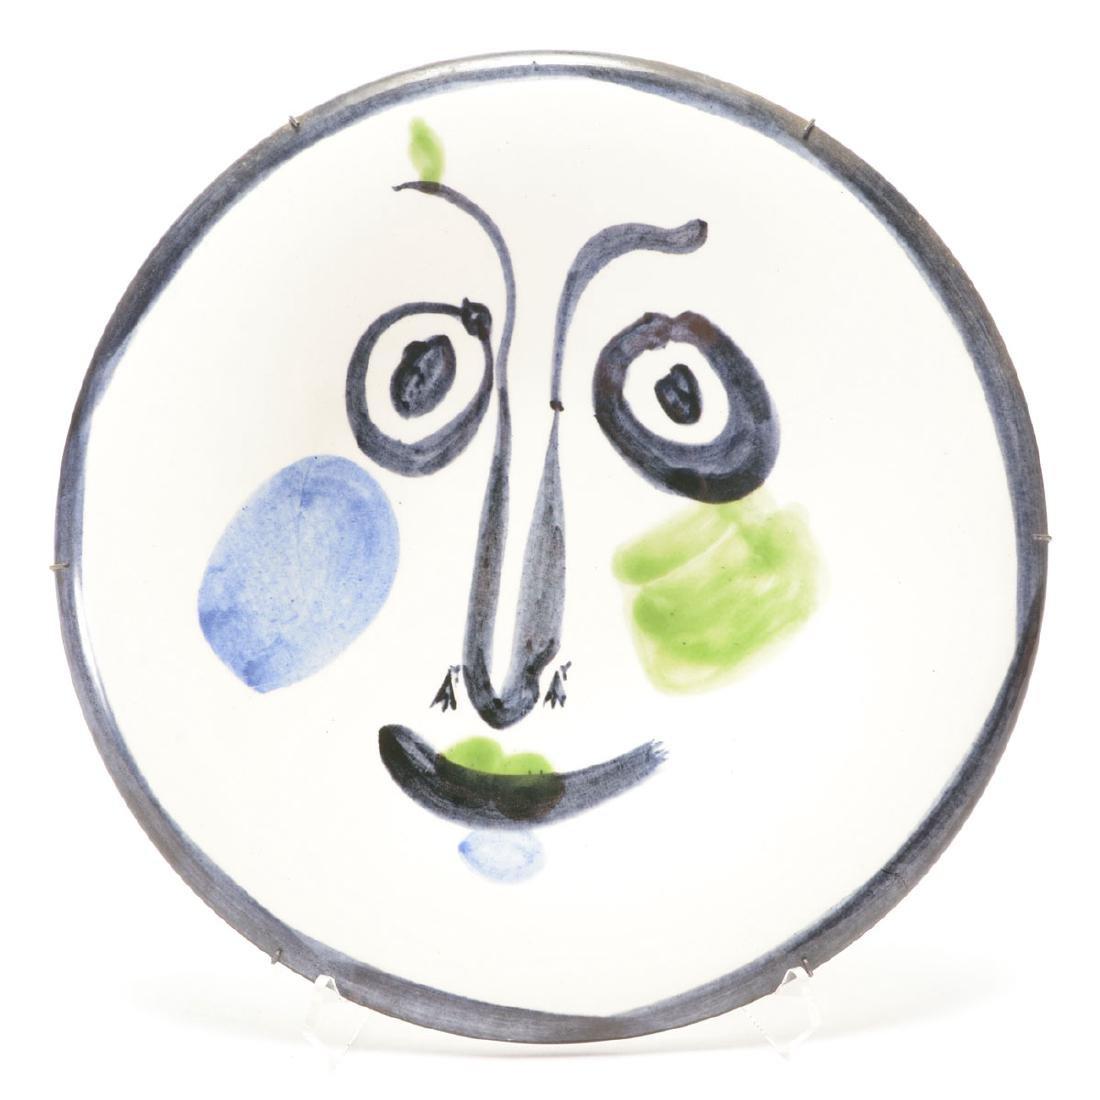 Pablo Picasso, Face No. 197, Madoura 115/300